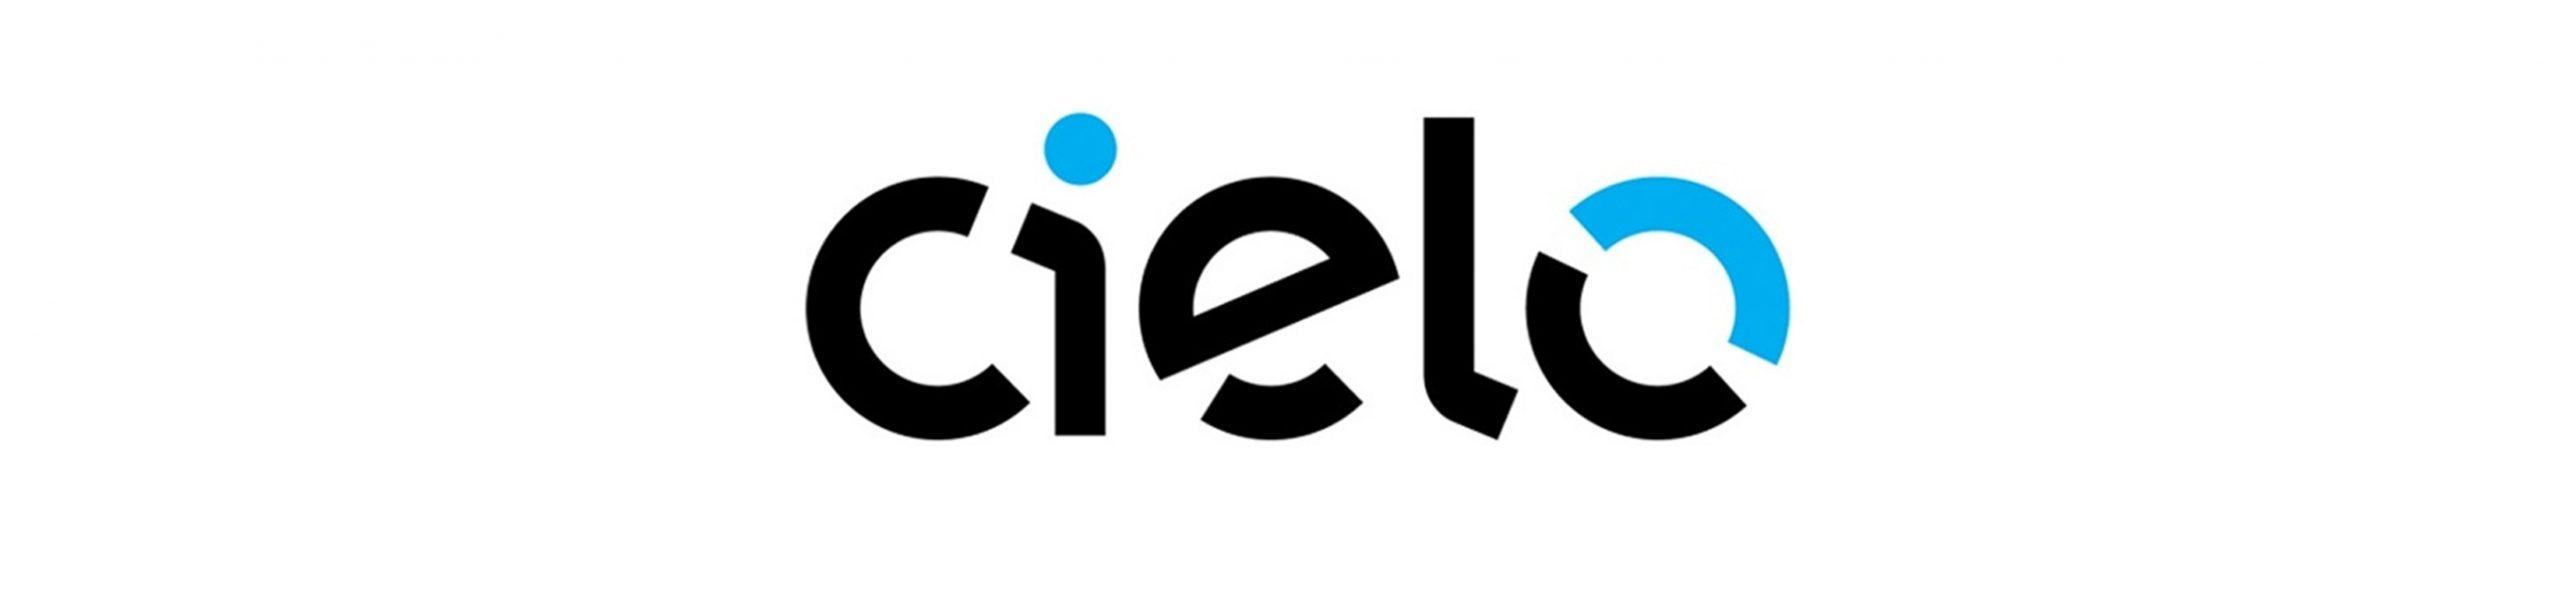 Ferramentas de gestão empresarial mobile: Cielo